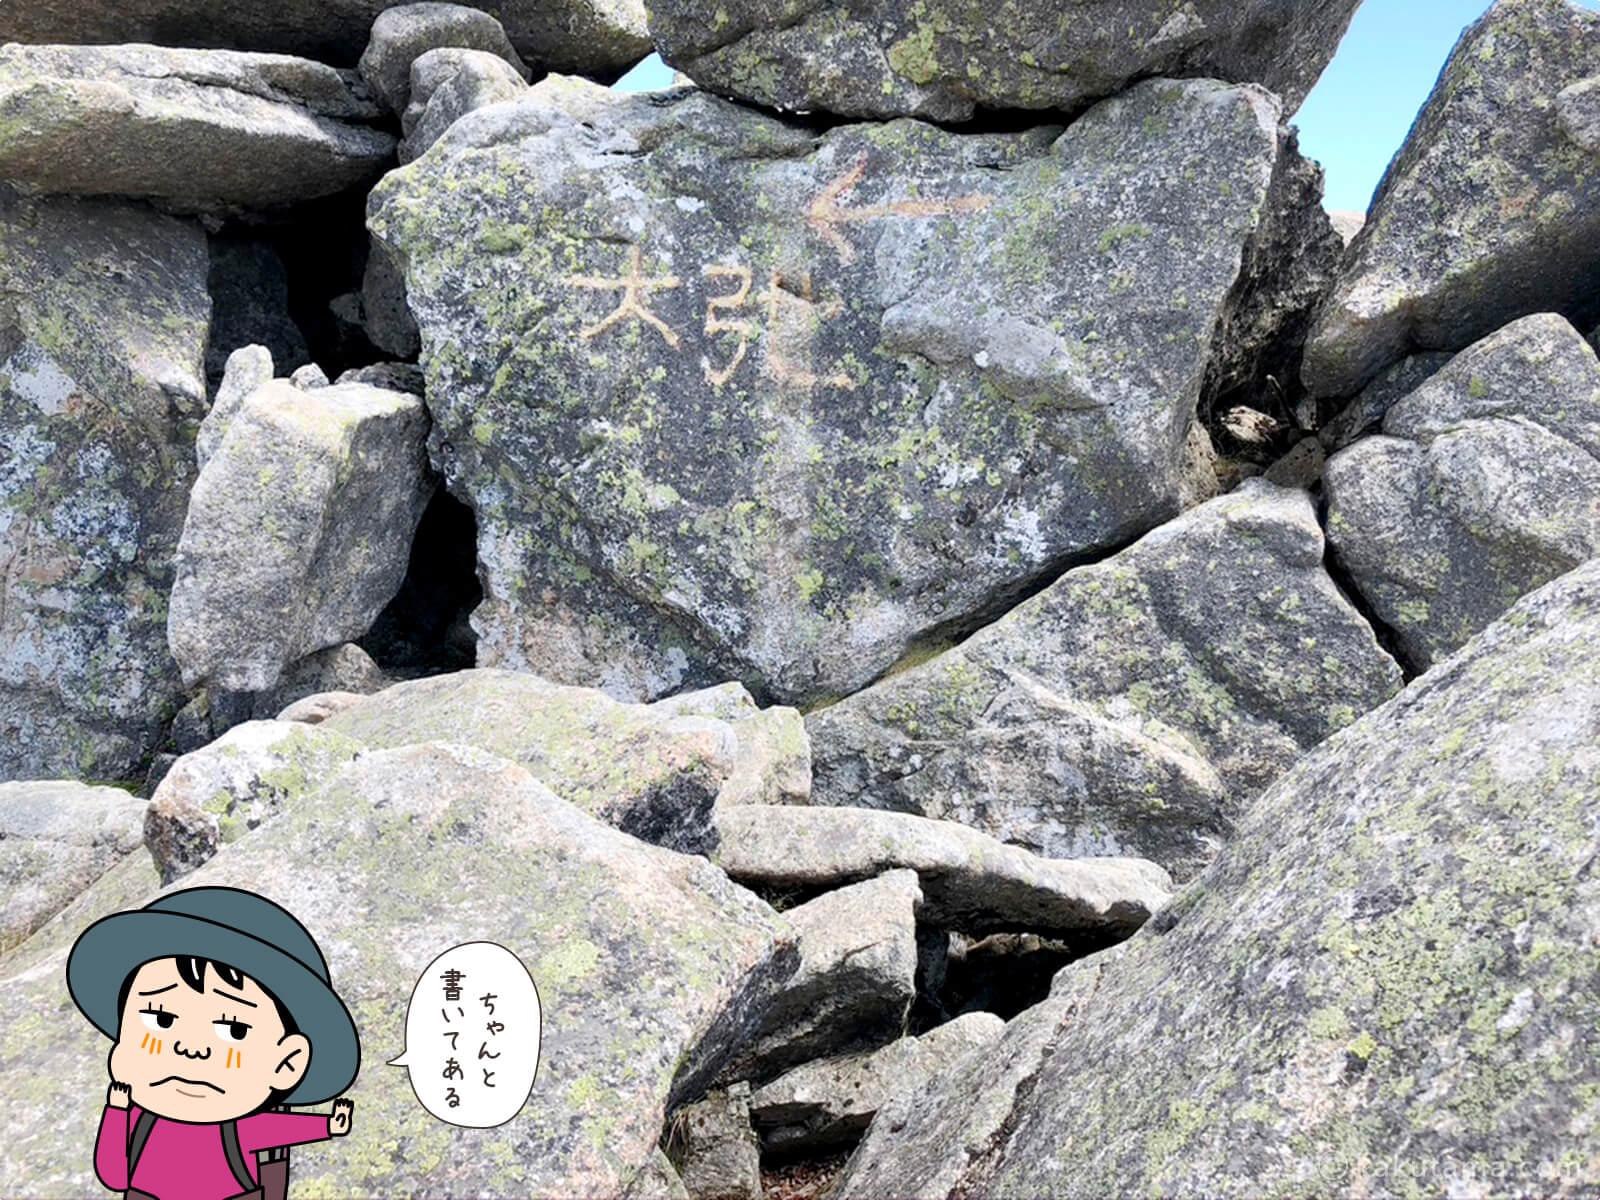 岩に大弛峠方面が書いてあった